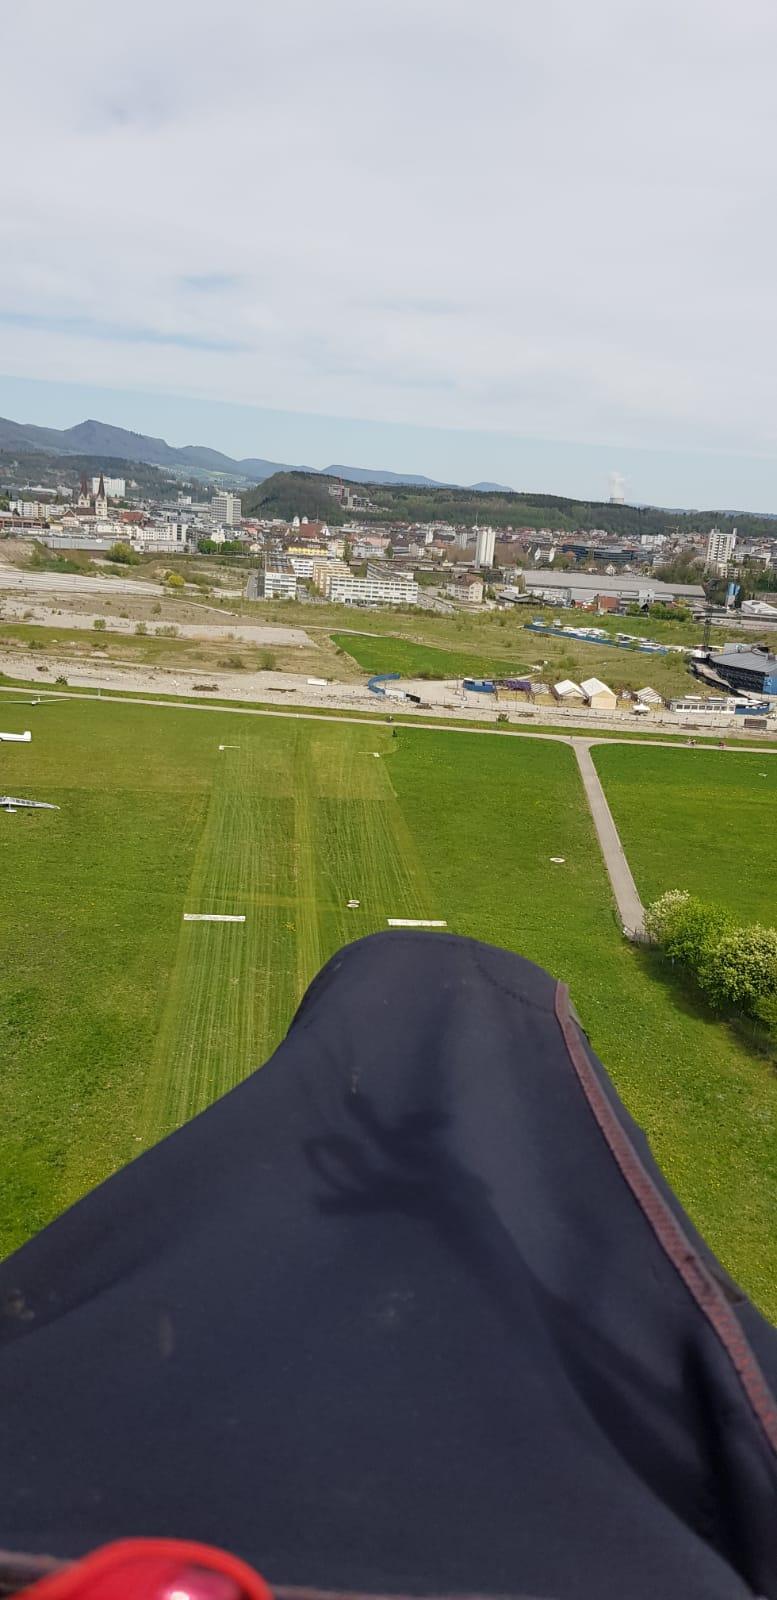 Landeanflug auf die Graspiste (Kaus)